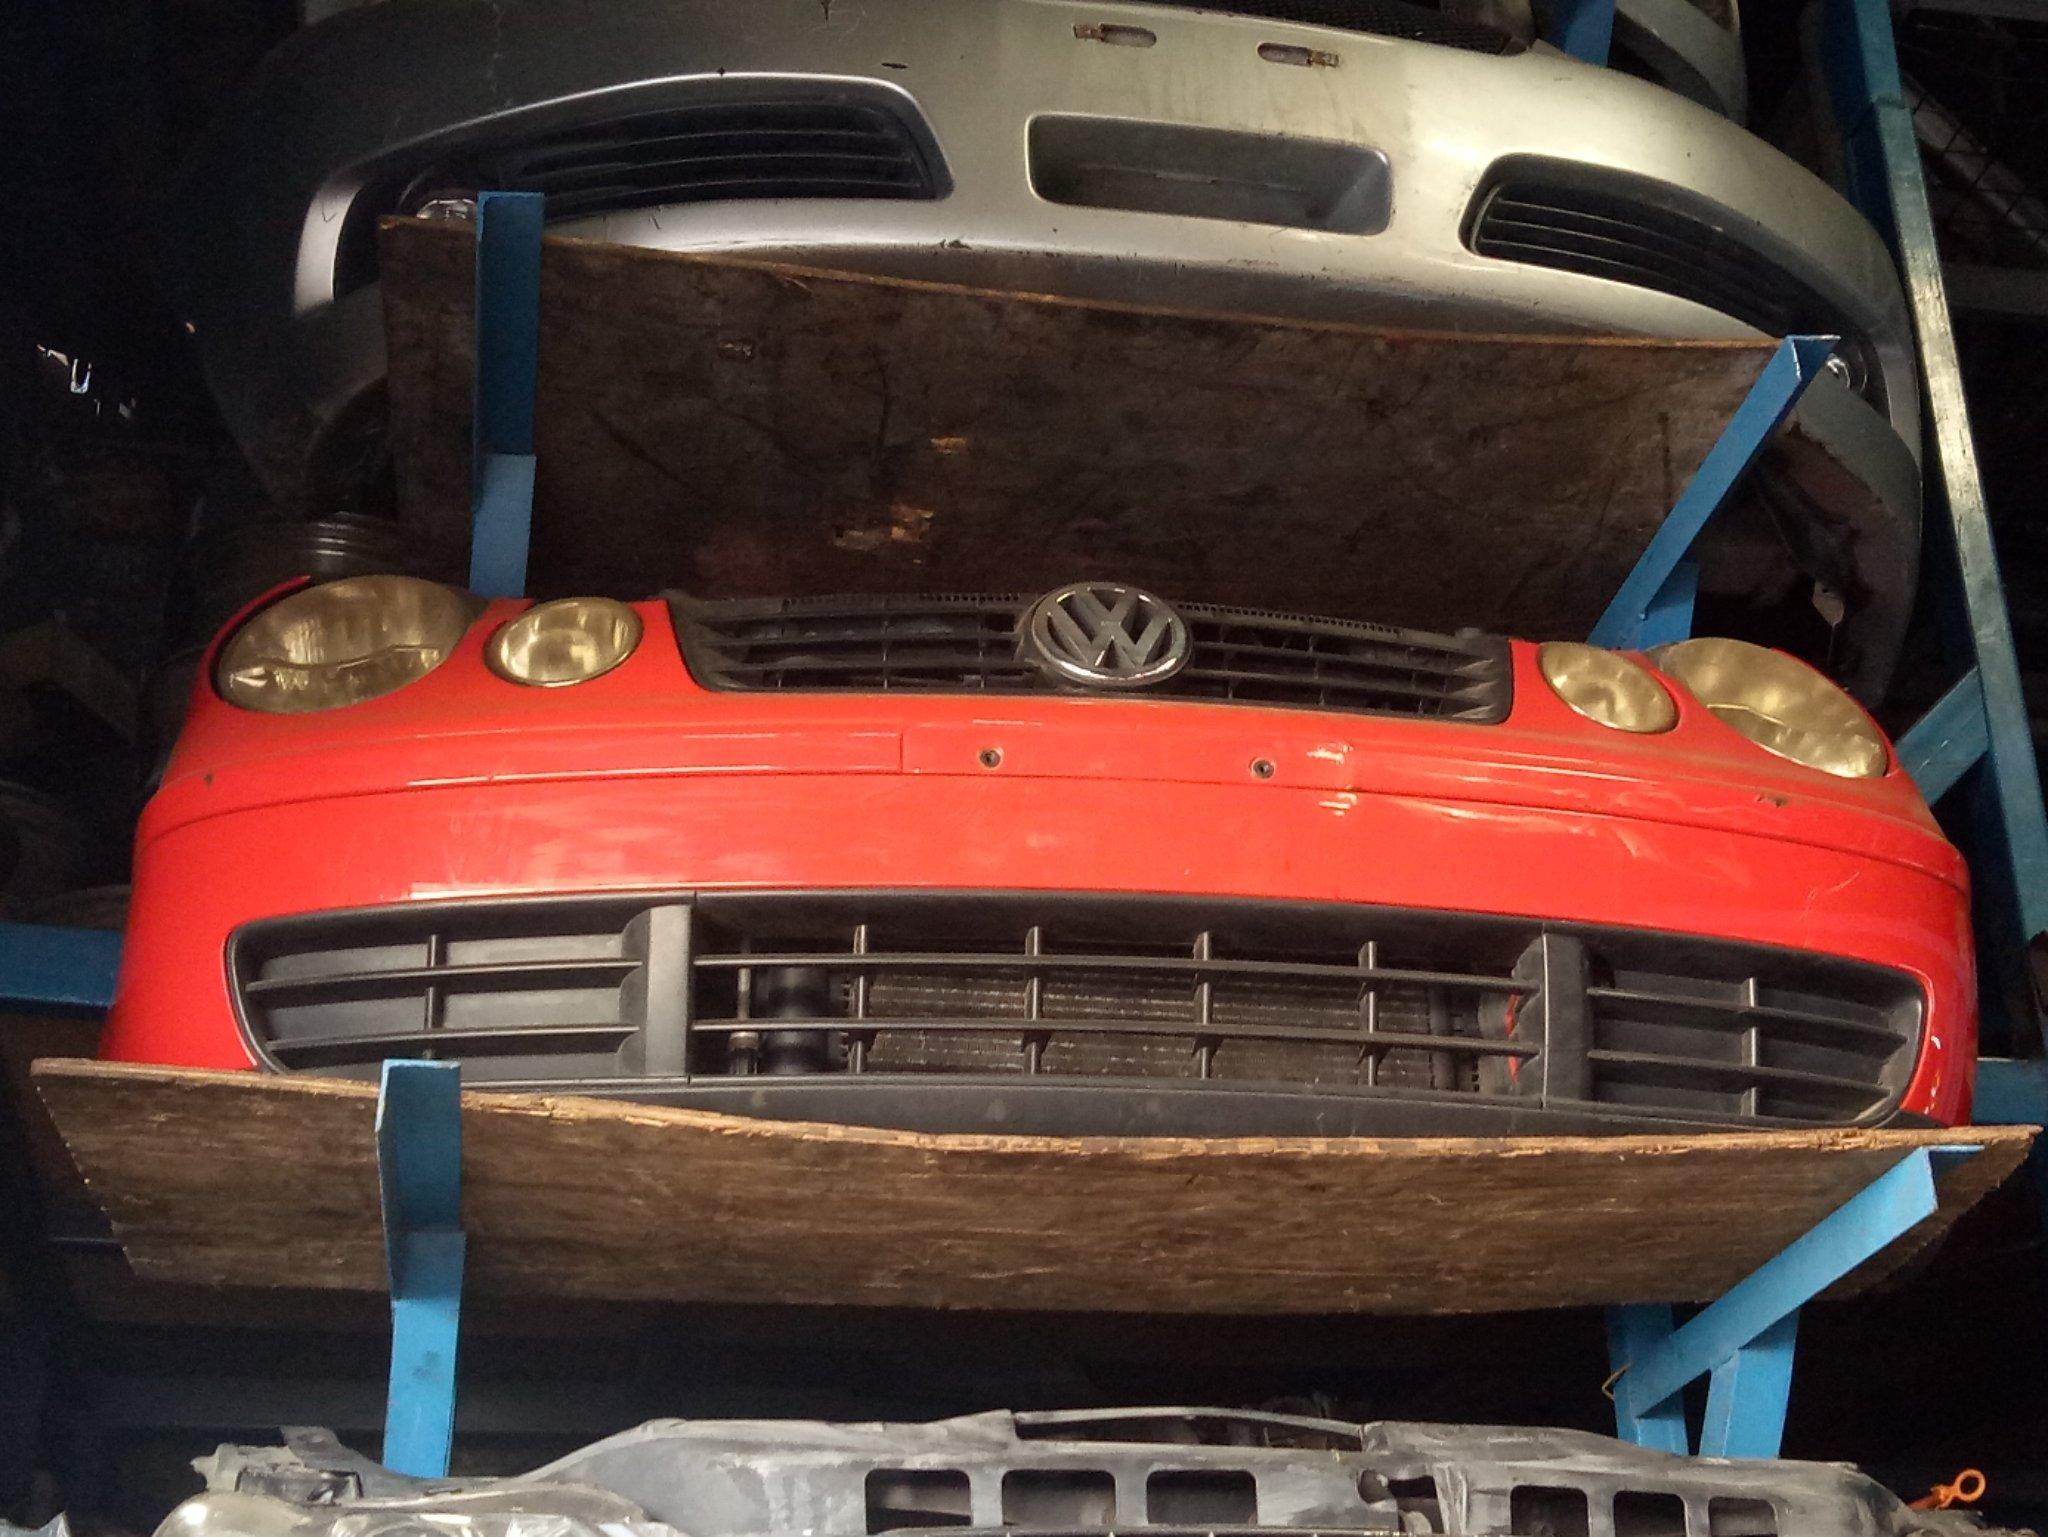 Vw Golf  old model nose cut asl01453